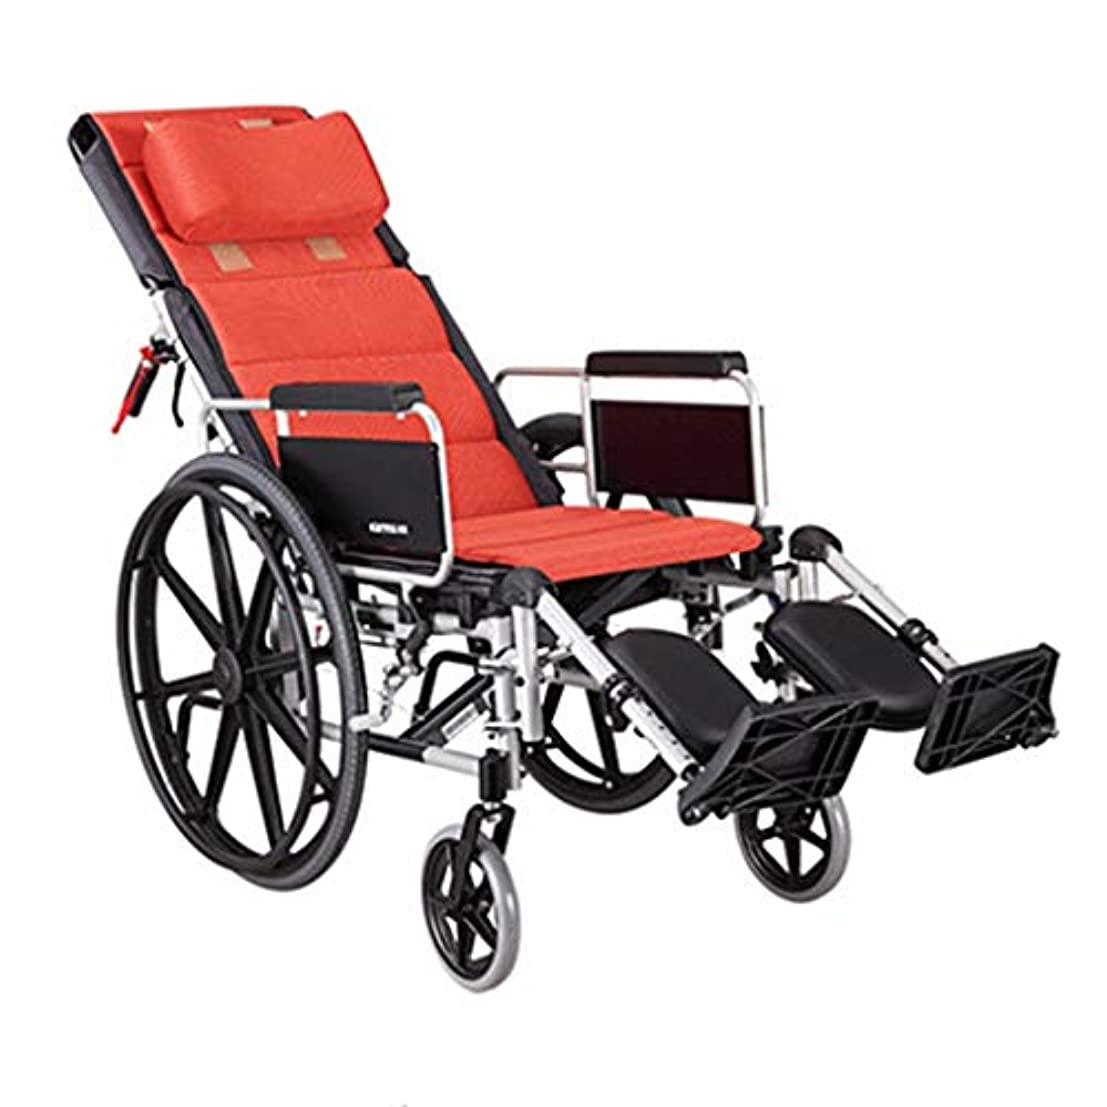 匿名制裁テザー高齢者用車椅子折りたたみ式手すり、リアブレーキハンドル機能付き調整可能ペダルソフト手すり